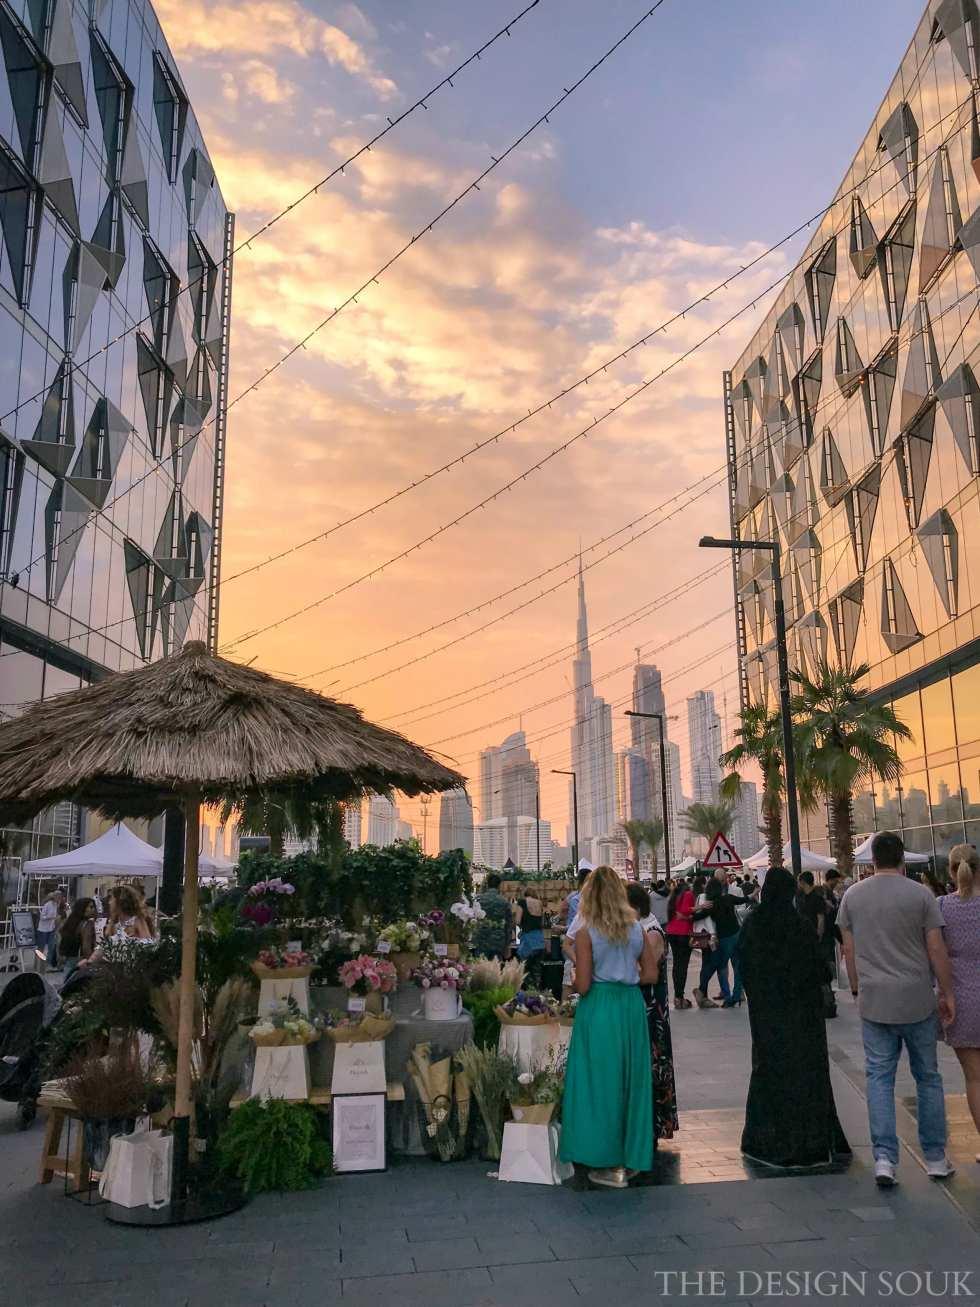 Dubai's Design District: d3 | THE DESIGN SOUK | www.thedesignsouk.com